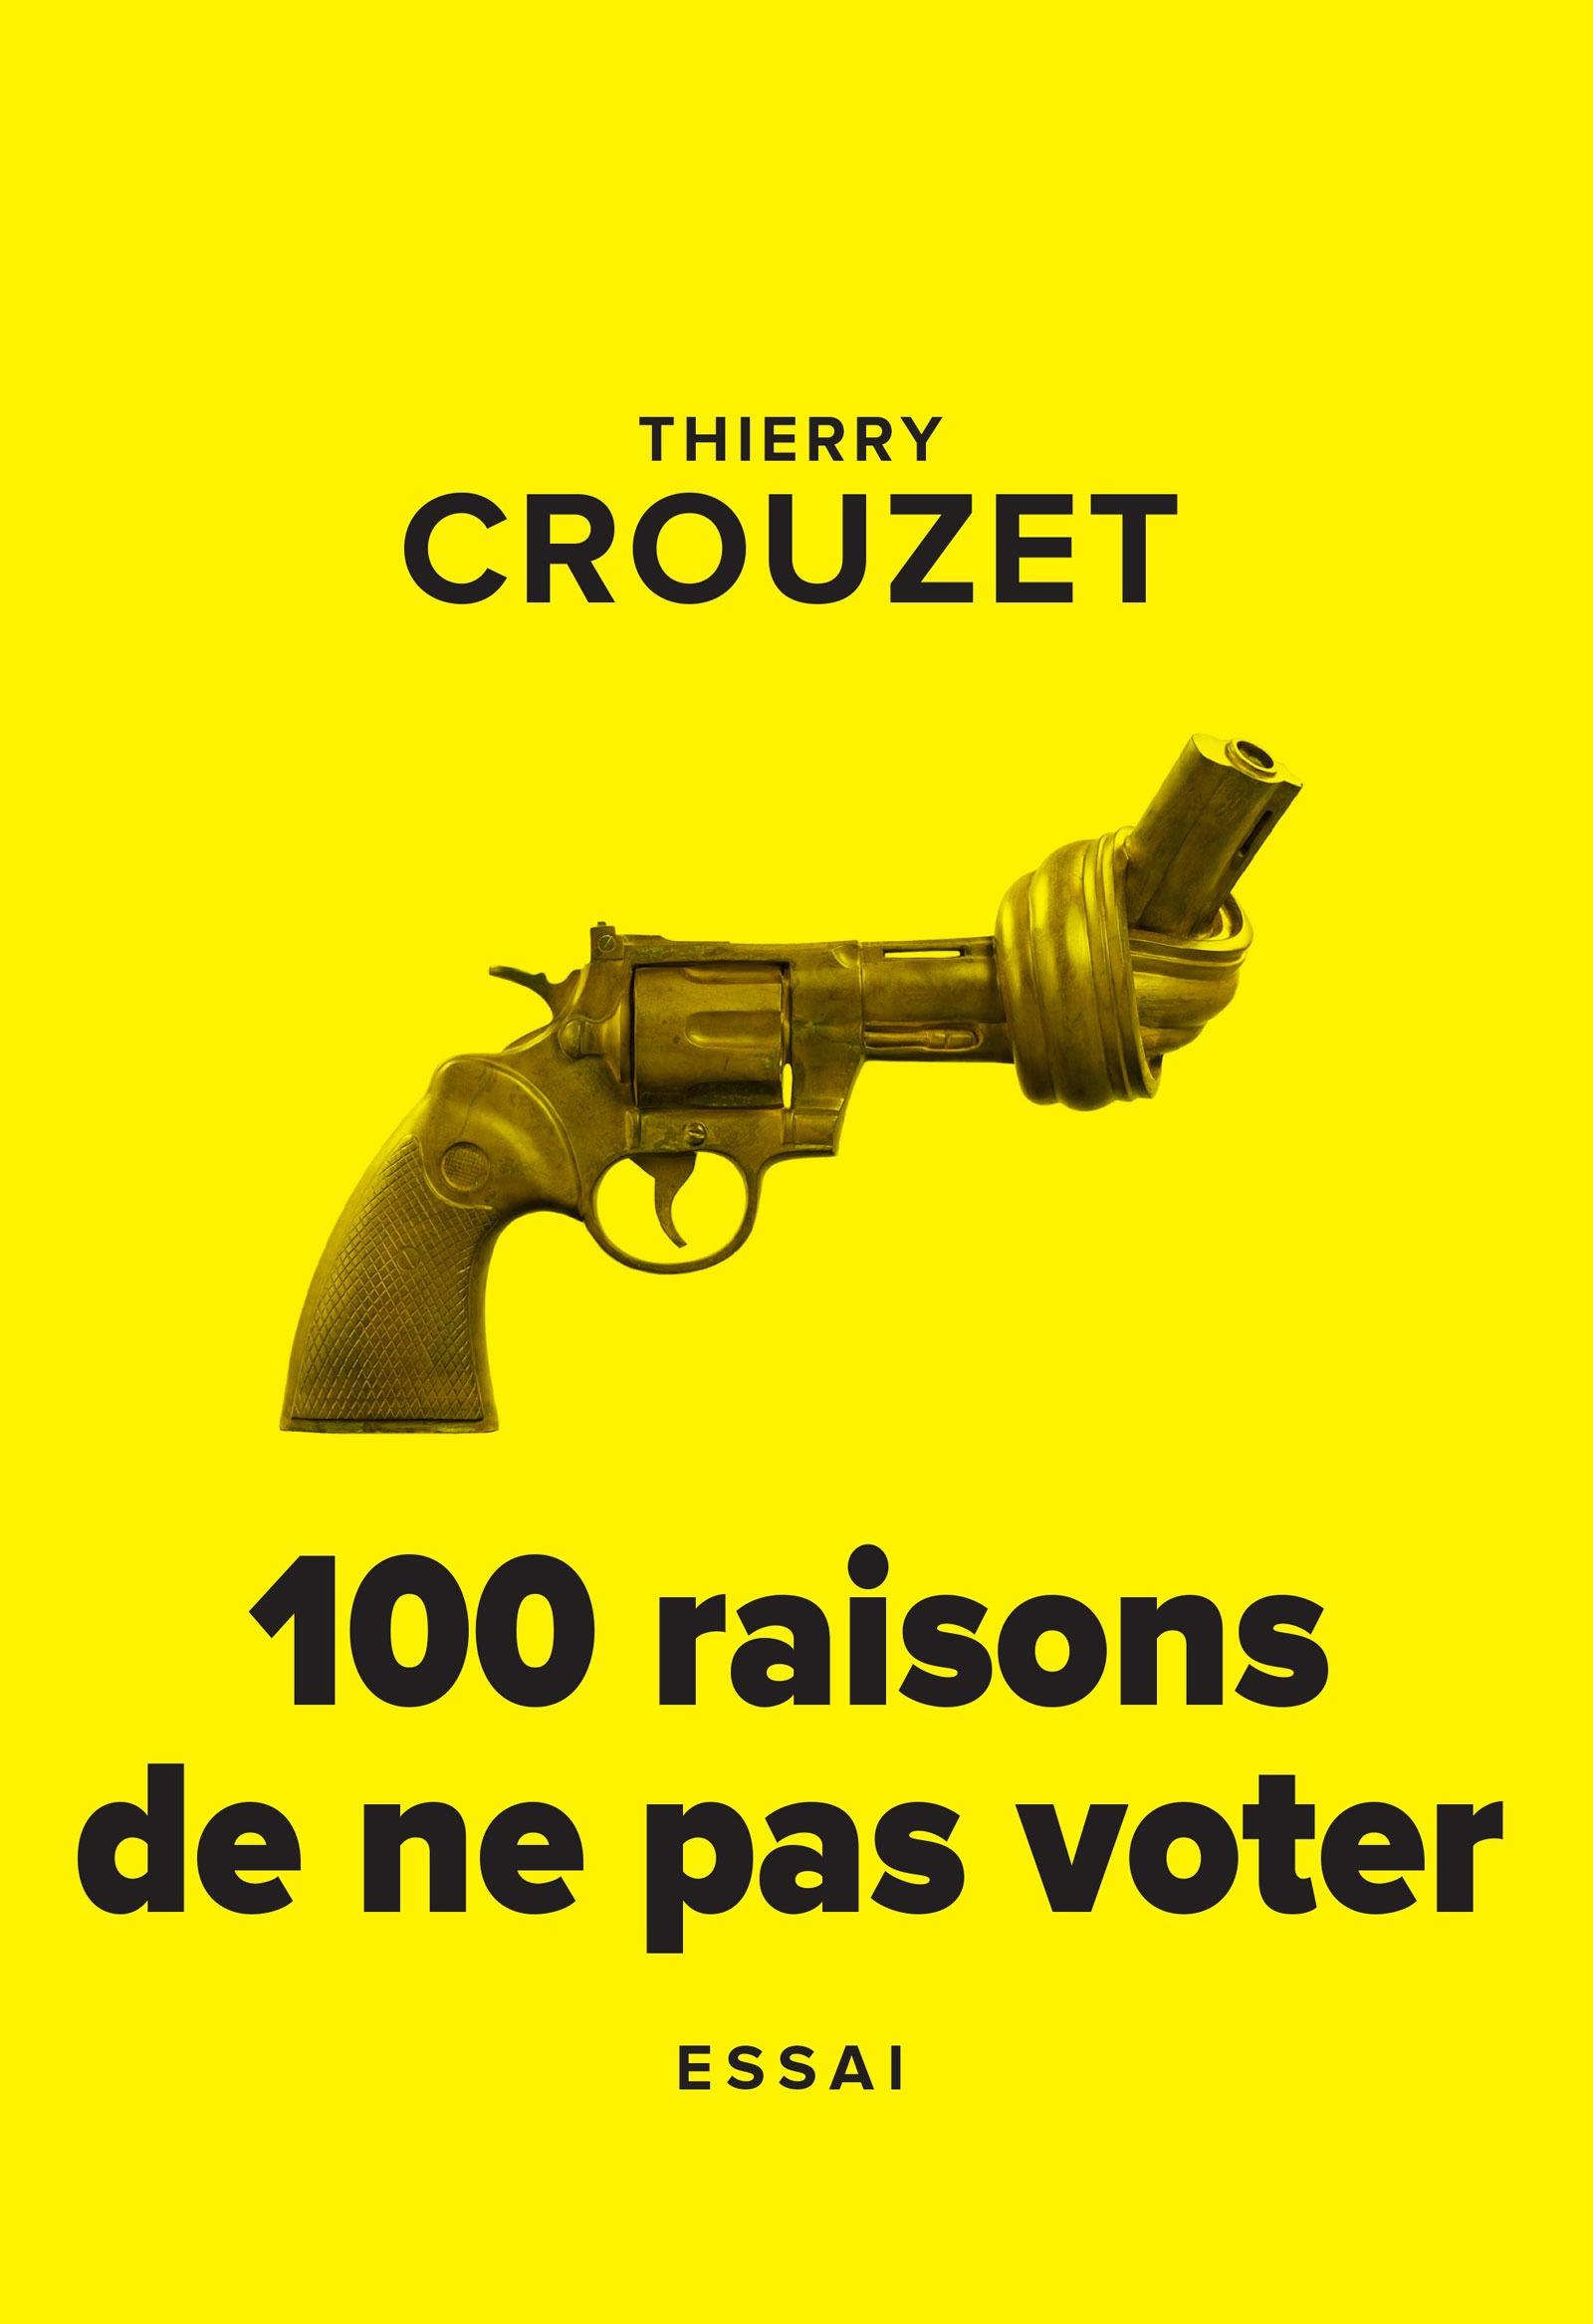 100 raisons de ne pas voter